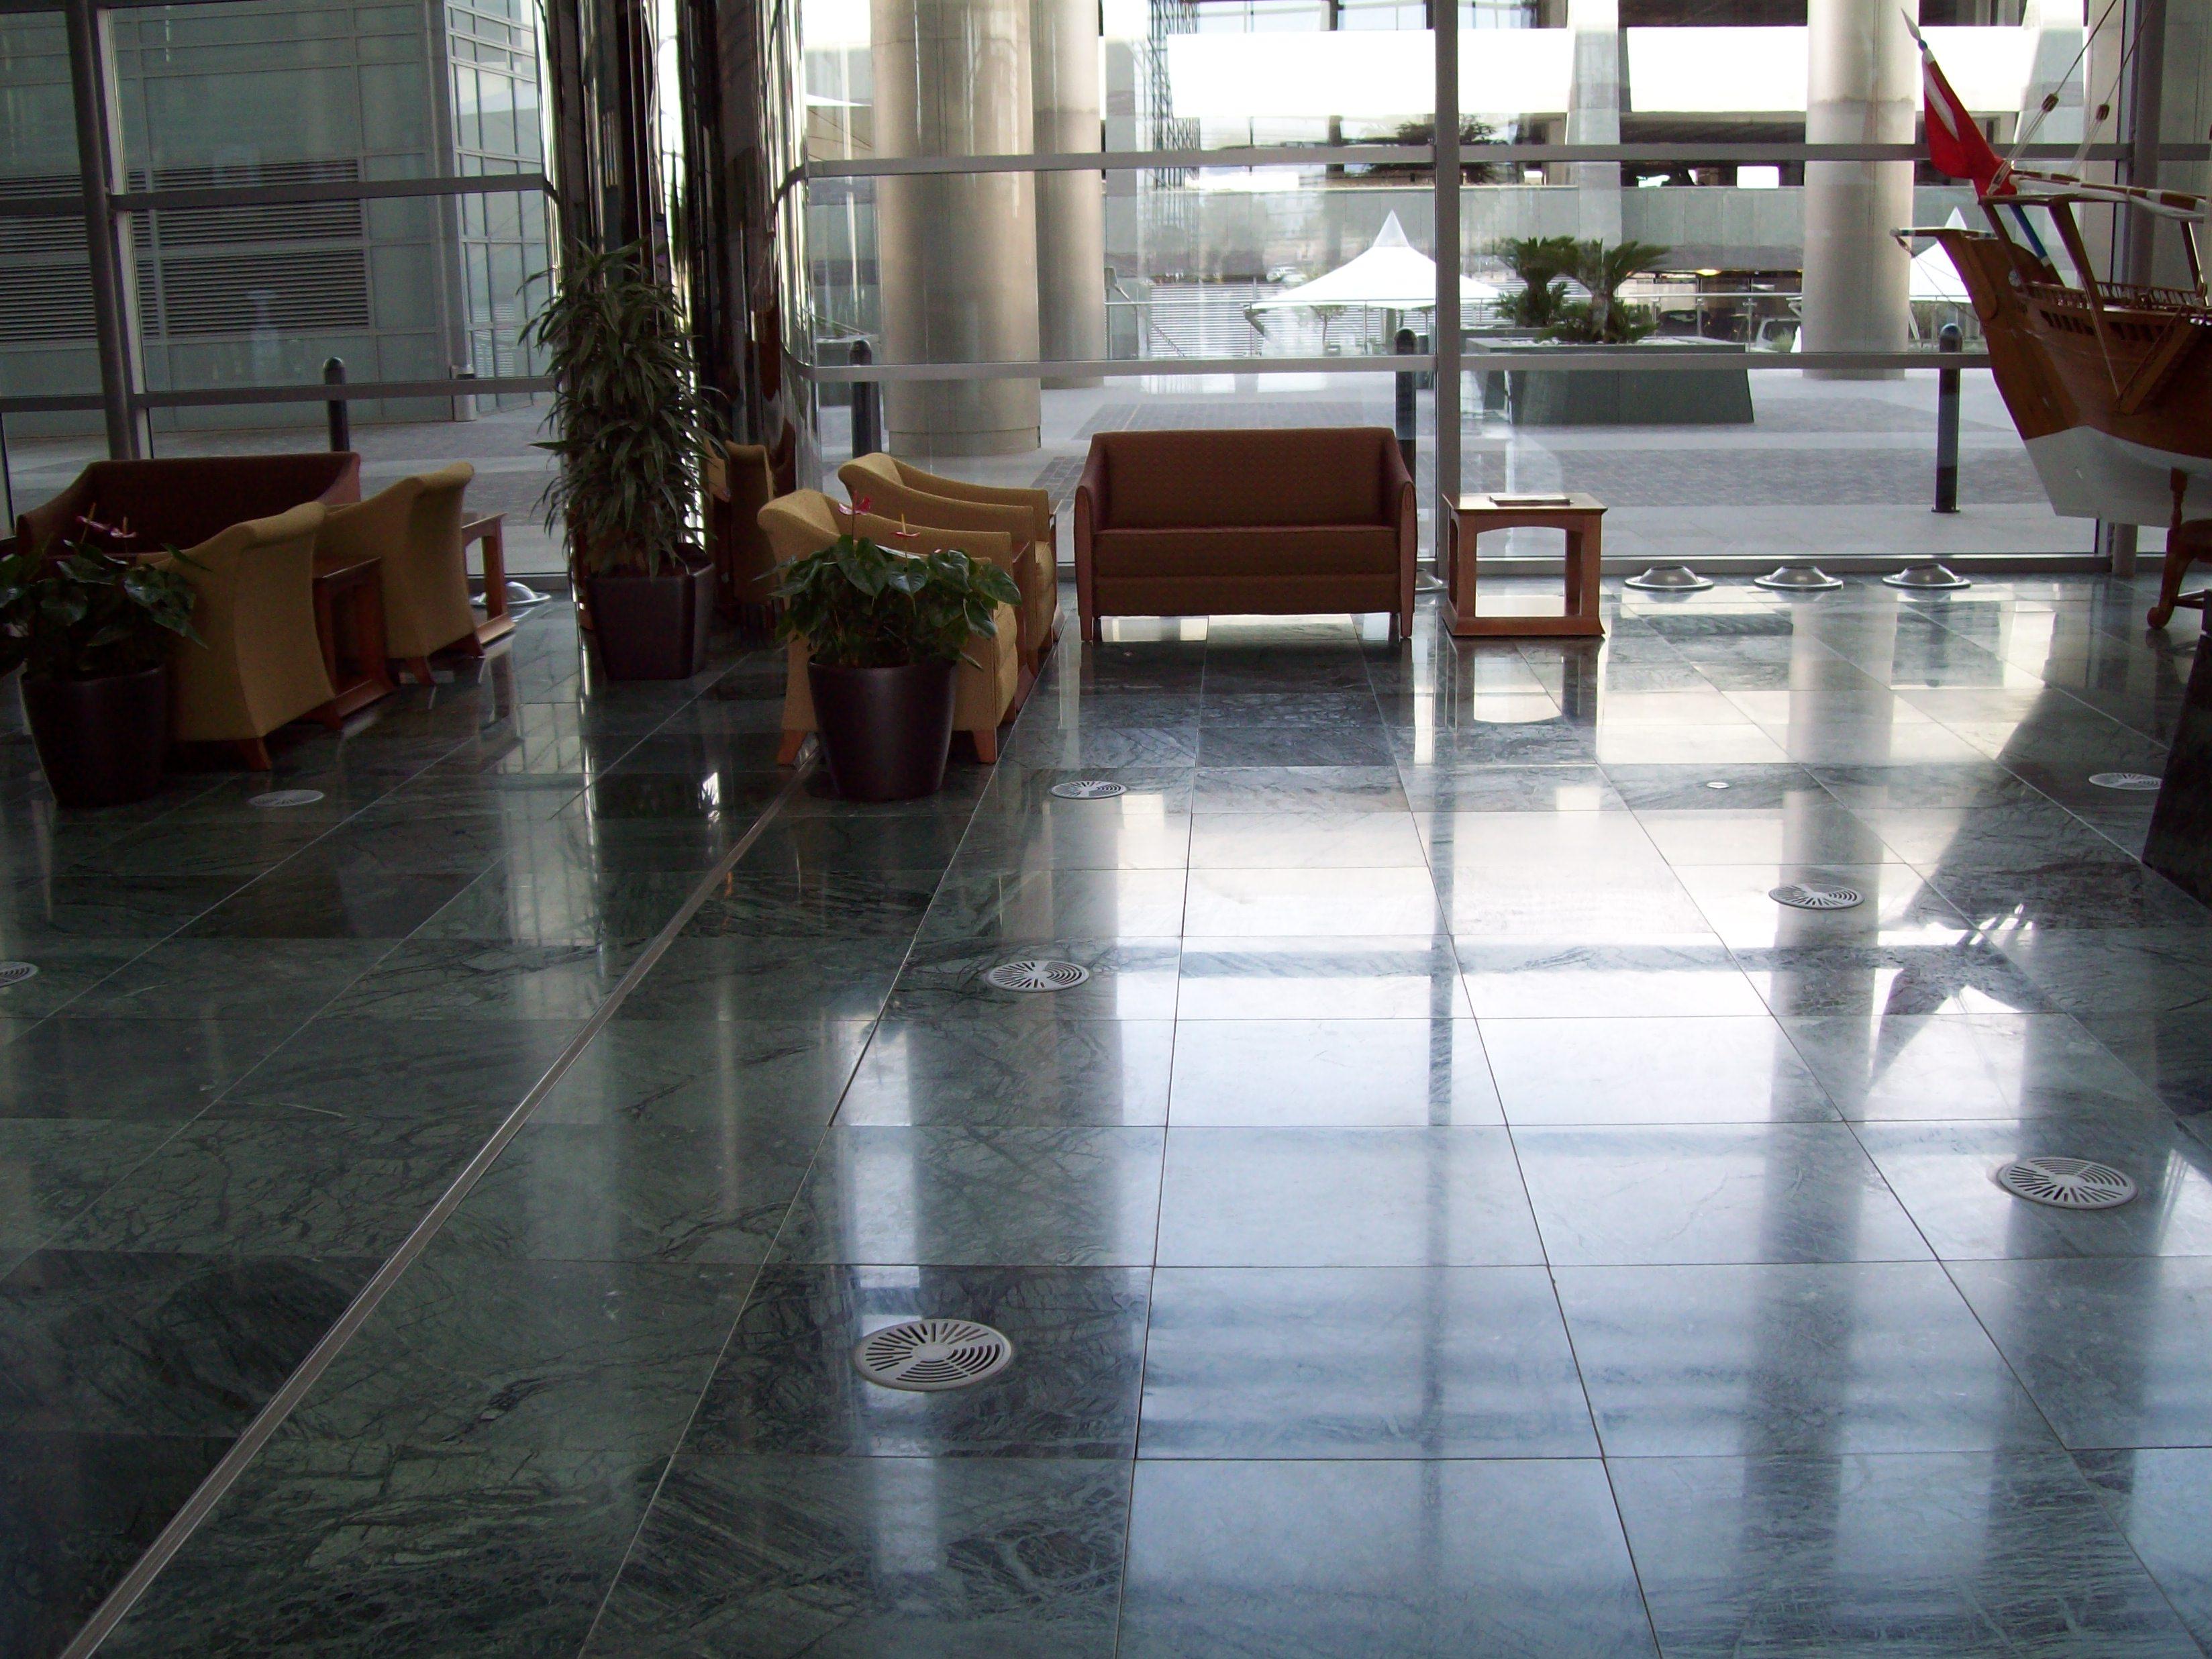 SAB MARMO 007 State Audit Bureau